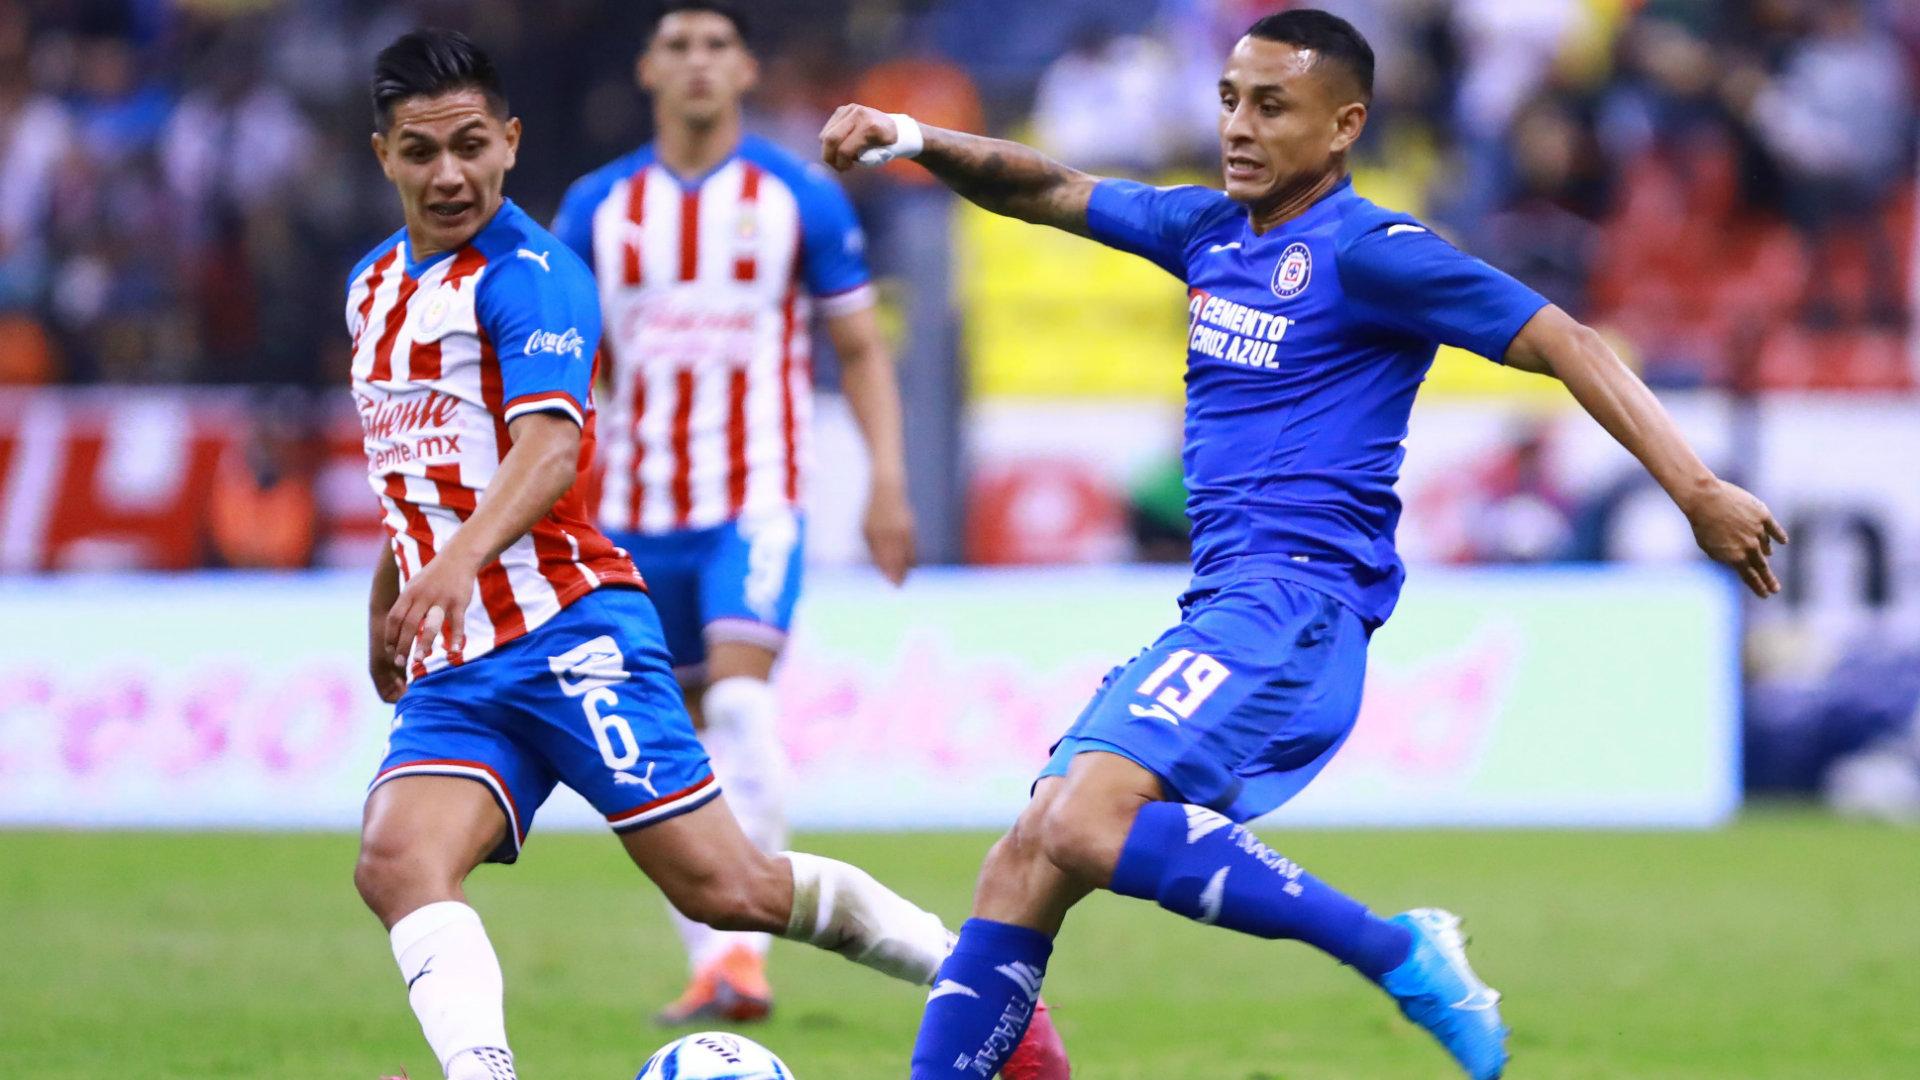 Cruz Azul Vs Chivas Por La Liga Mx Goles Resumen Y Videos